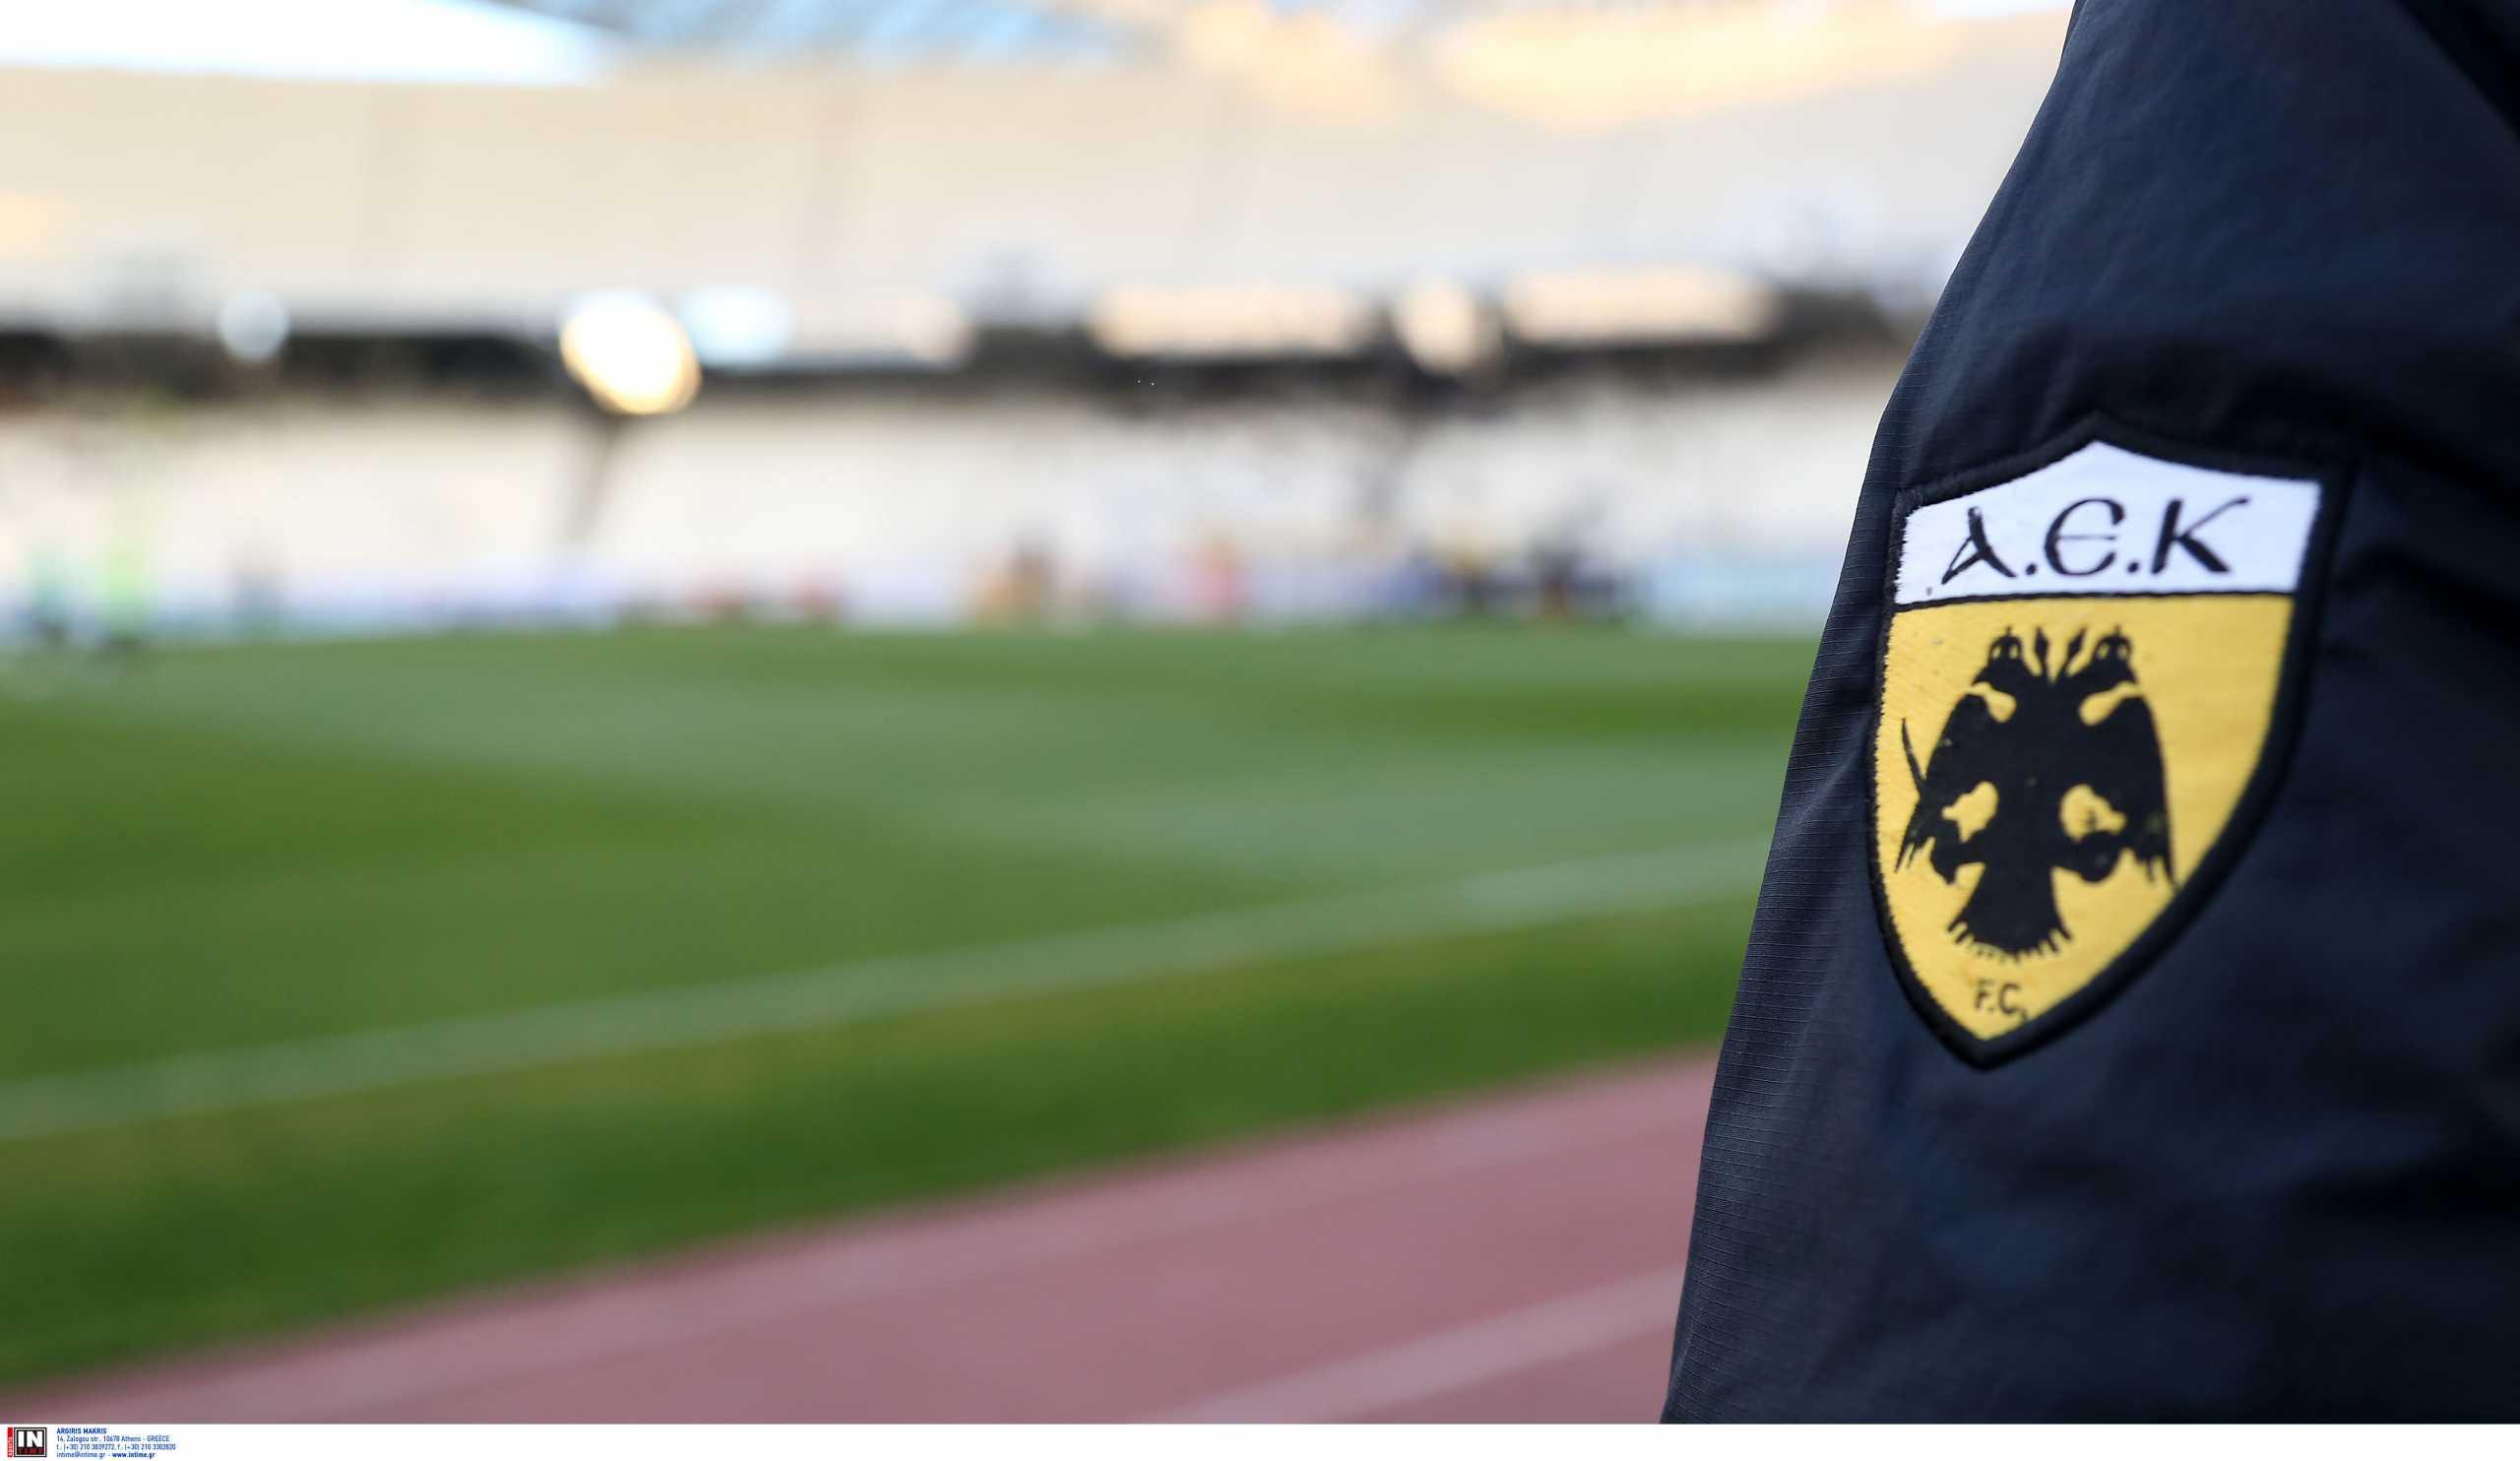 Η ΑΕΚ είναι κοντά σε συμφωνία με τον νέο της προπονητή και τον «χρυσώνει»